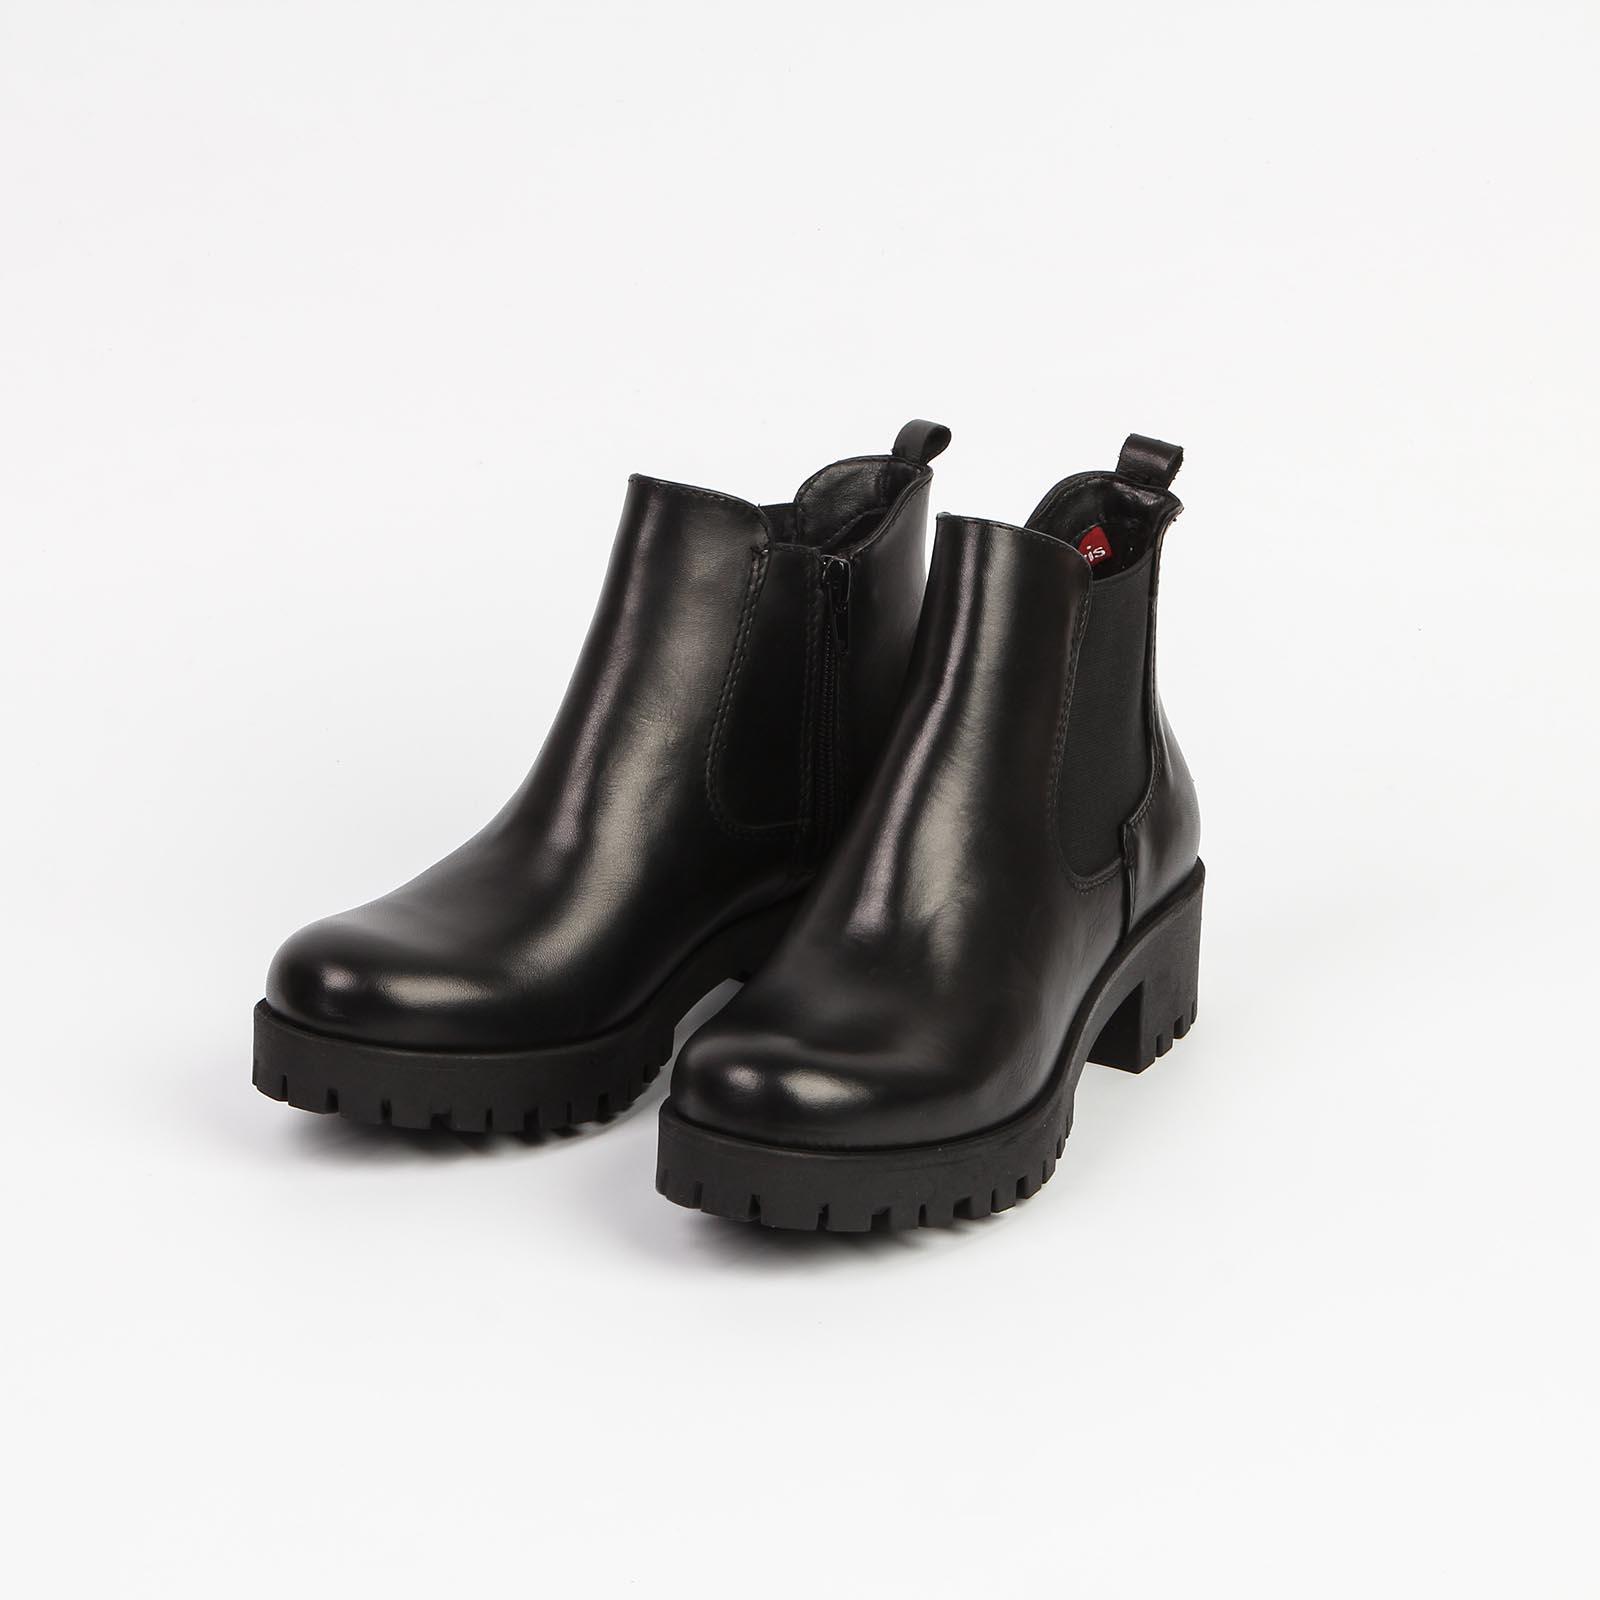 Женские ботинки с эластичной вставкой